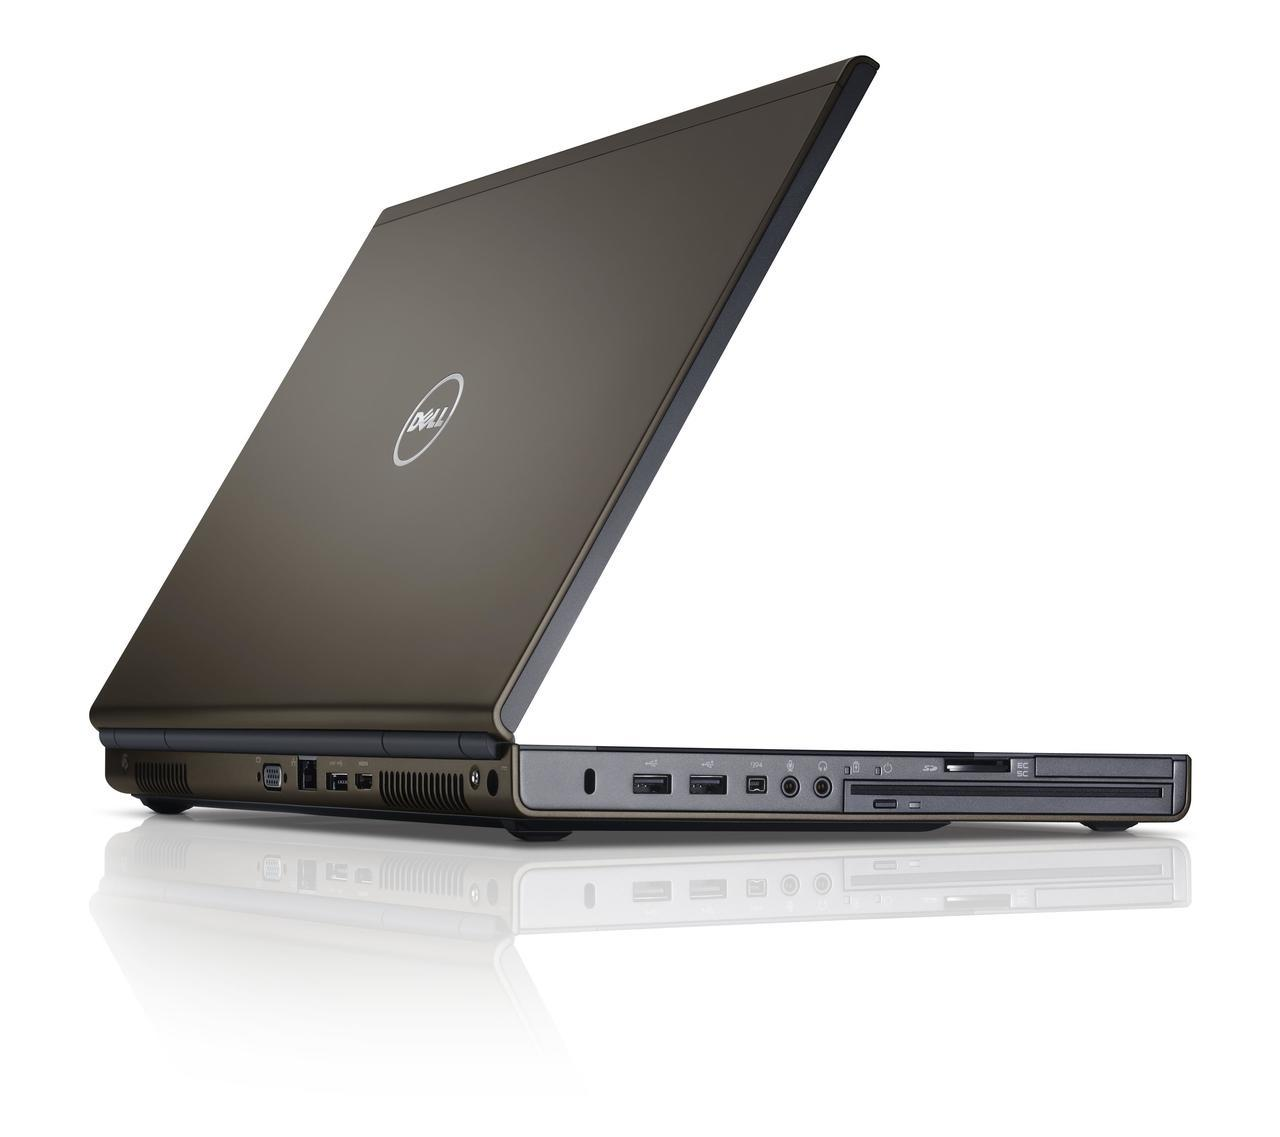 لابتوب DELL M4600 - كور i7-2860QM كاش 8 ميجا - كارت Nvidia 2000m بيشغل FIFA 2020 و أحدث البرامج الهندسية